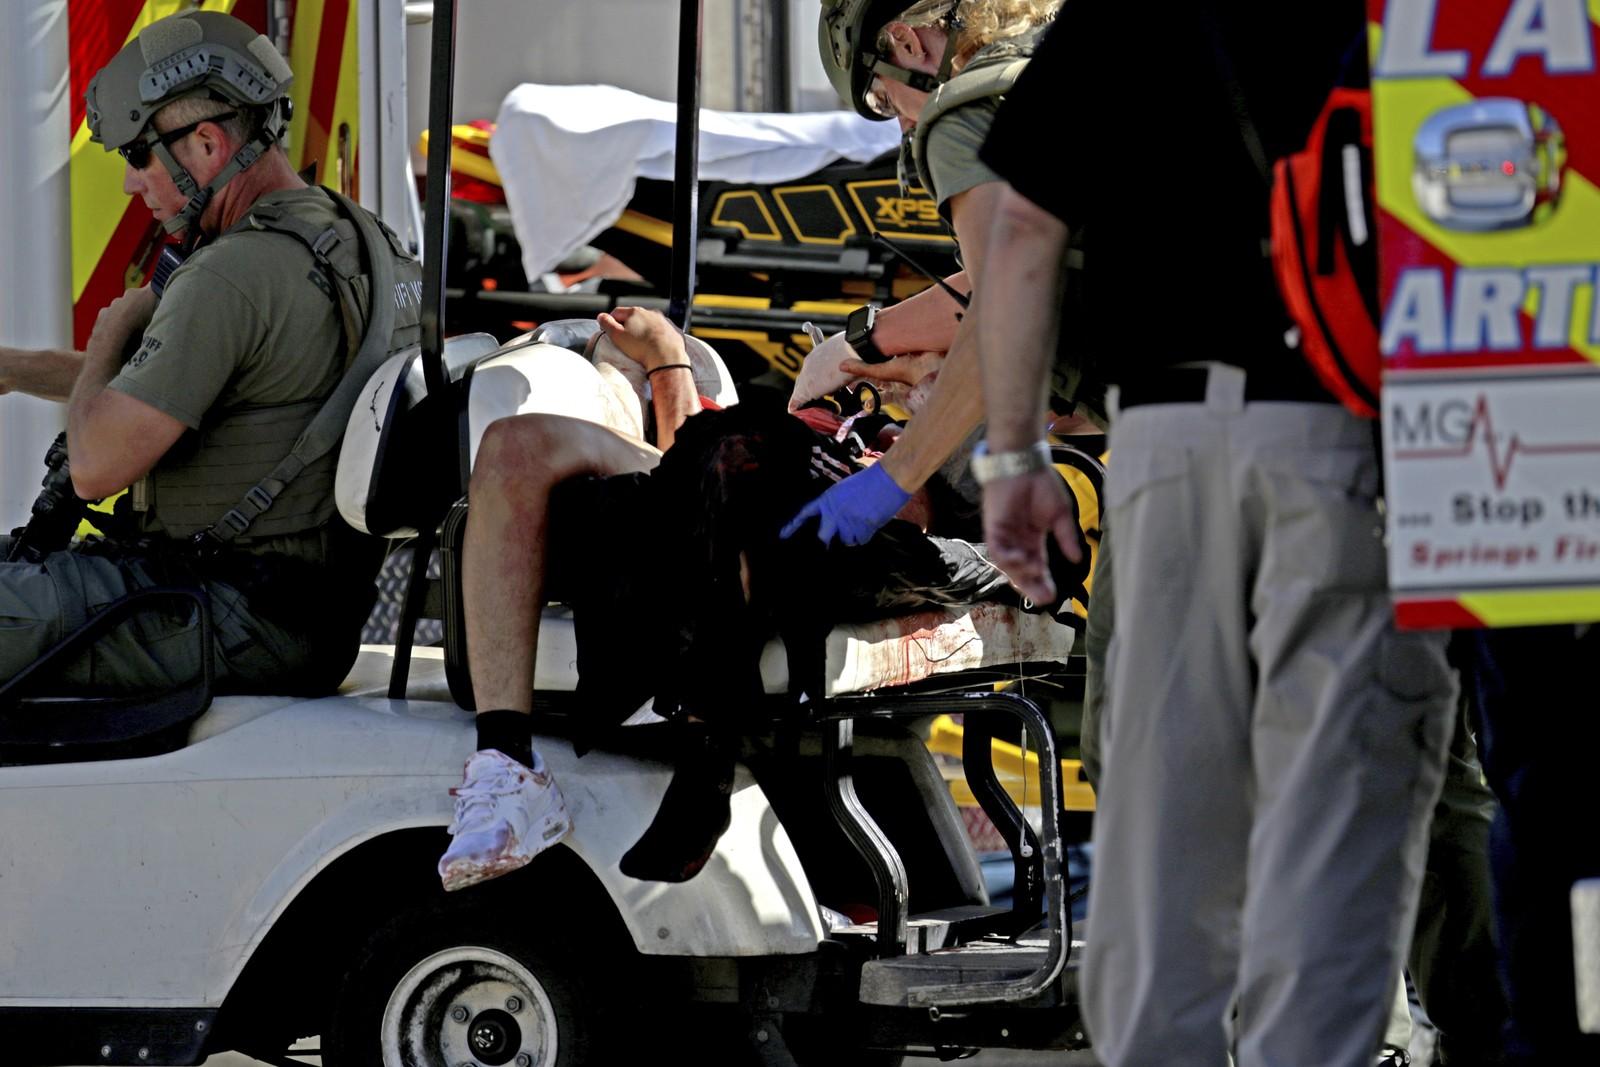 ap18045822672692 1  - Jovem que matou 17 em escola na Flórida era membro de grupo supremacista branco